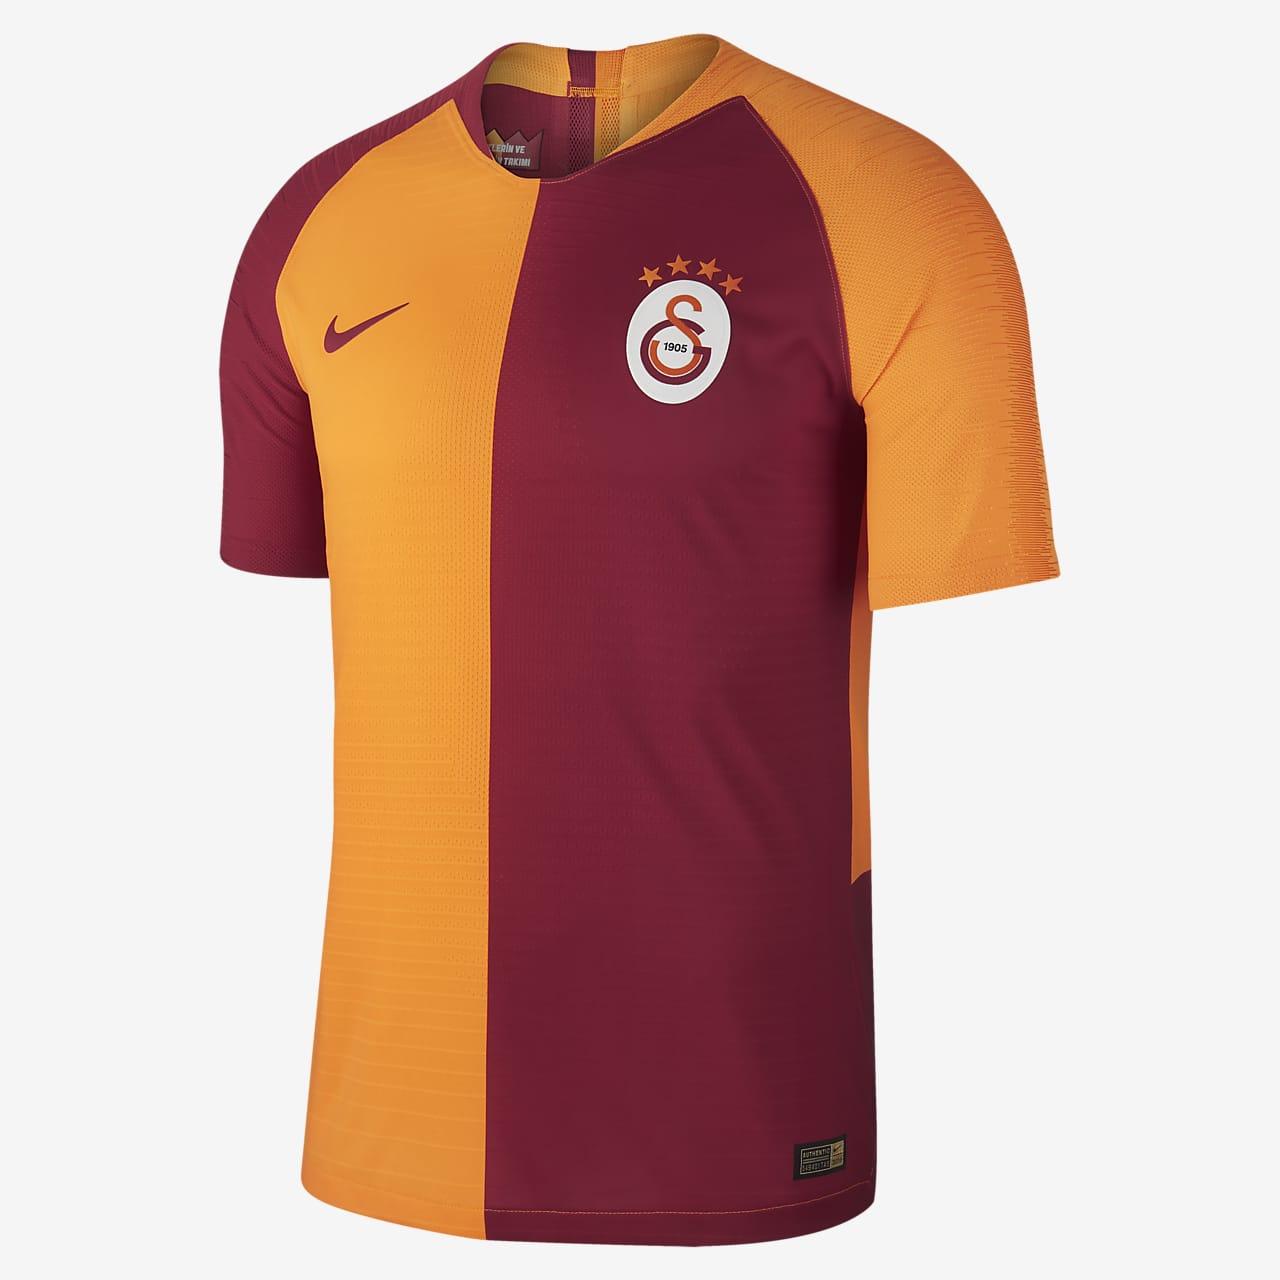 Pánský fotbalový dres 2018/19 Galatasaray S.K. Vapor Match Home